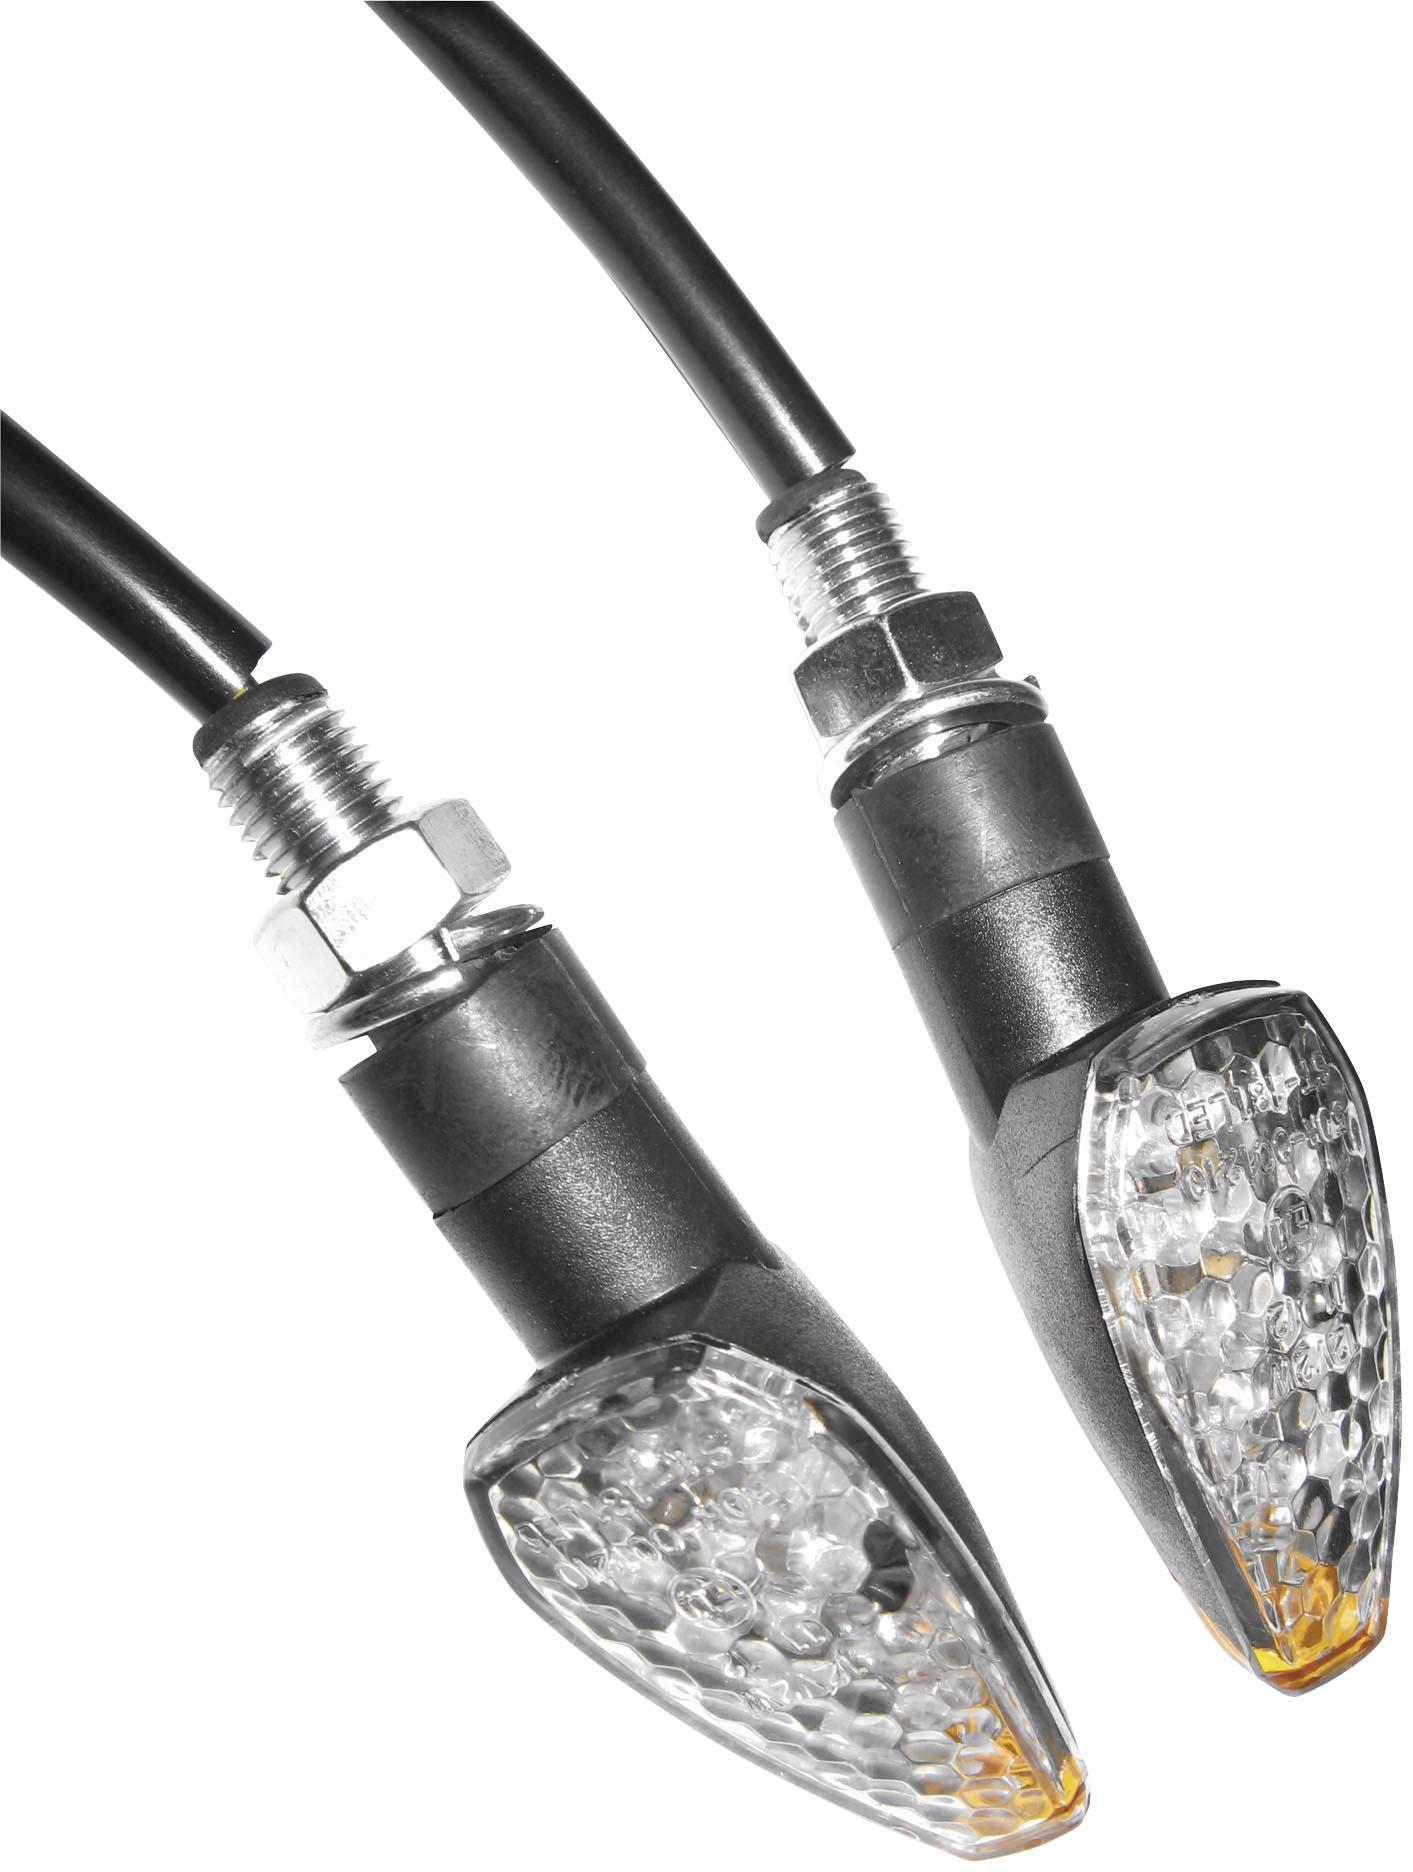 Baja Designs Mini Stalk LED Turn Signals